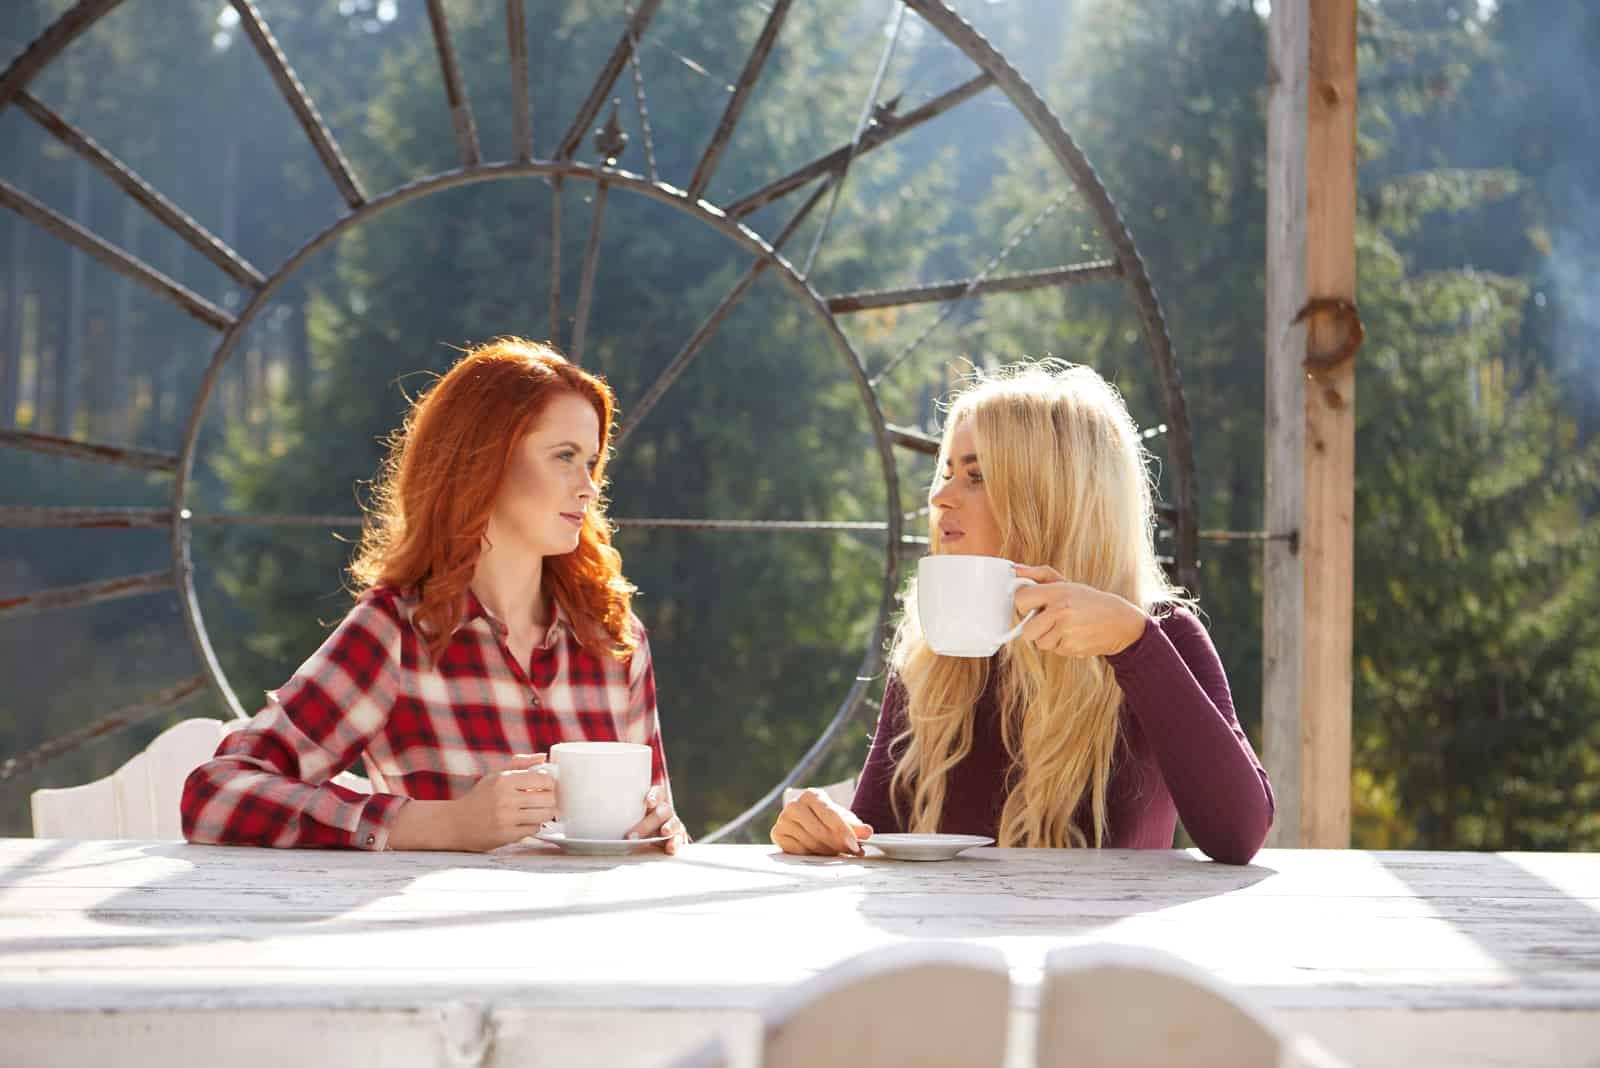 Freunde unterhalten sich draußen auf einer Hausterrasse